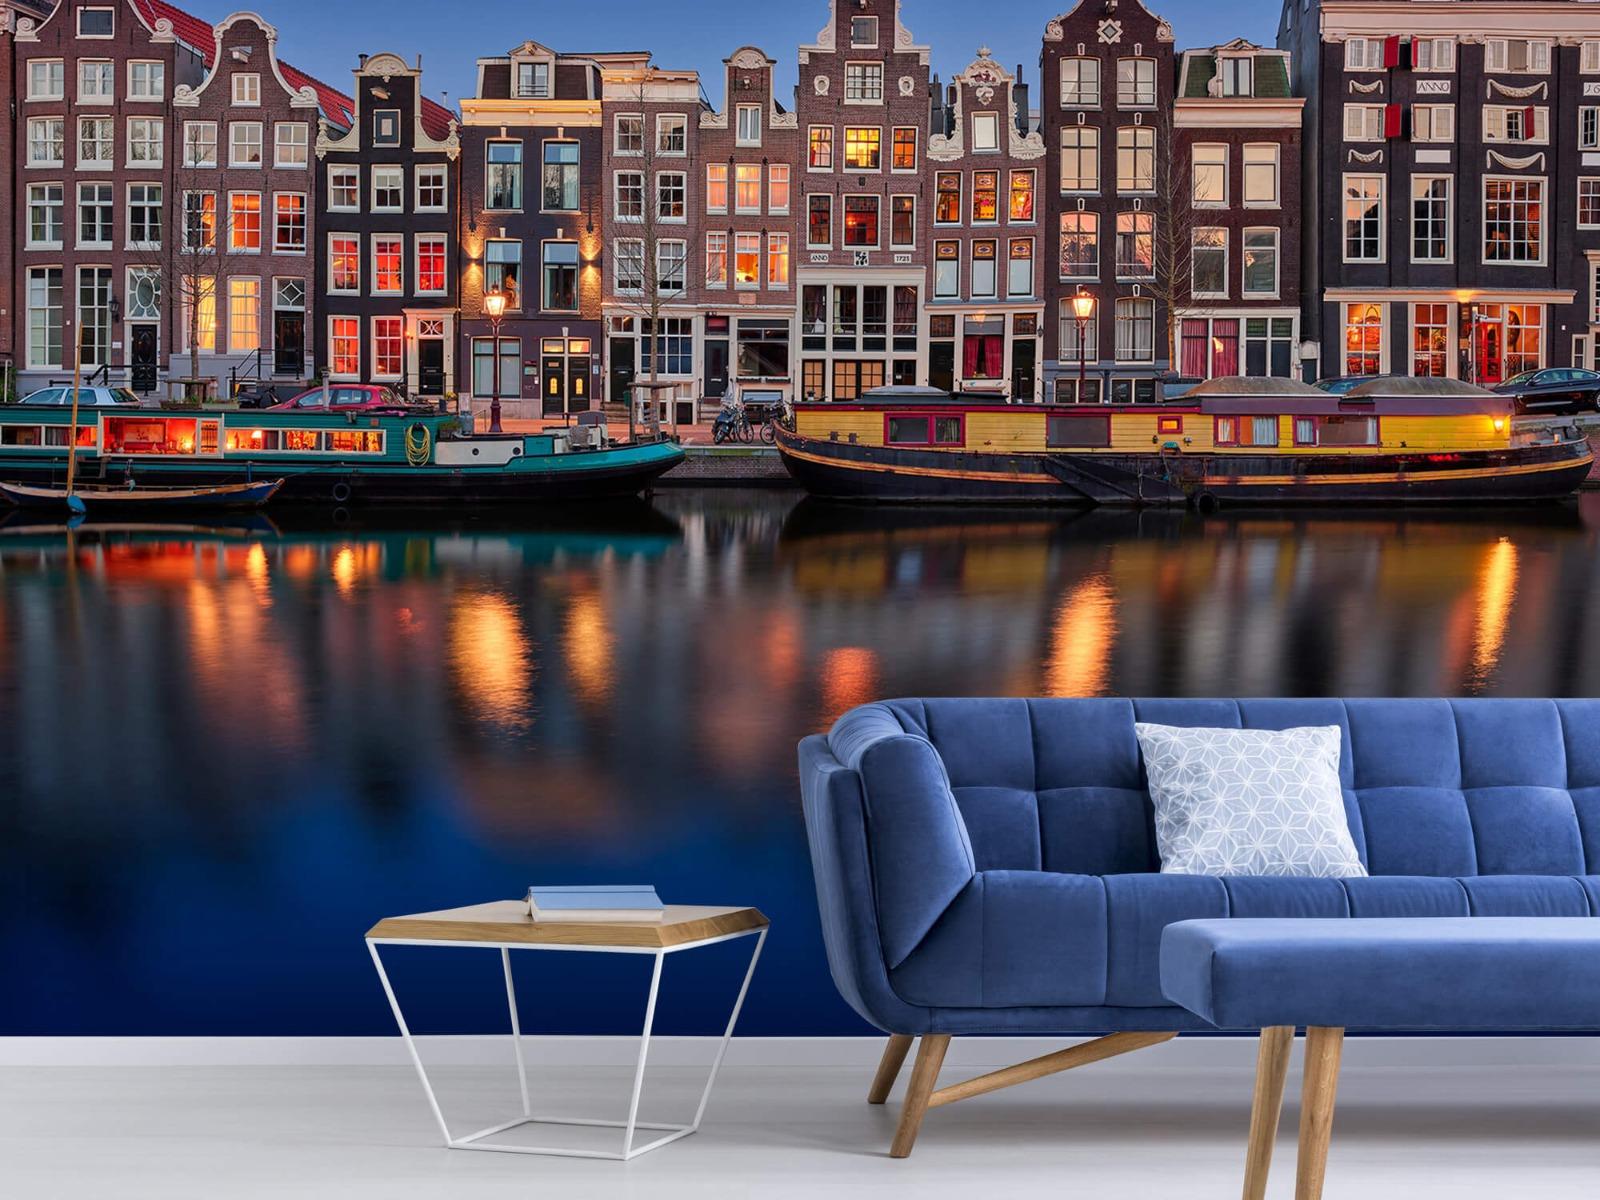 Architectuur - Grachtenpanden Amsterdam - Tienerkamer 1